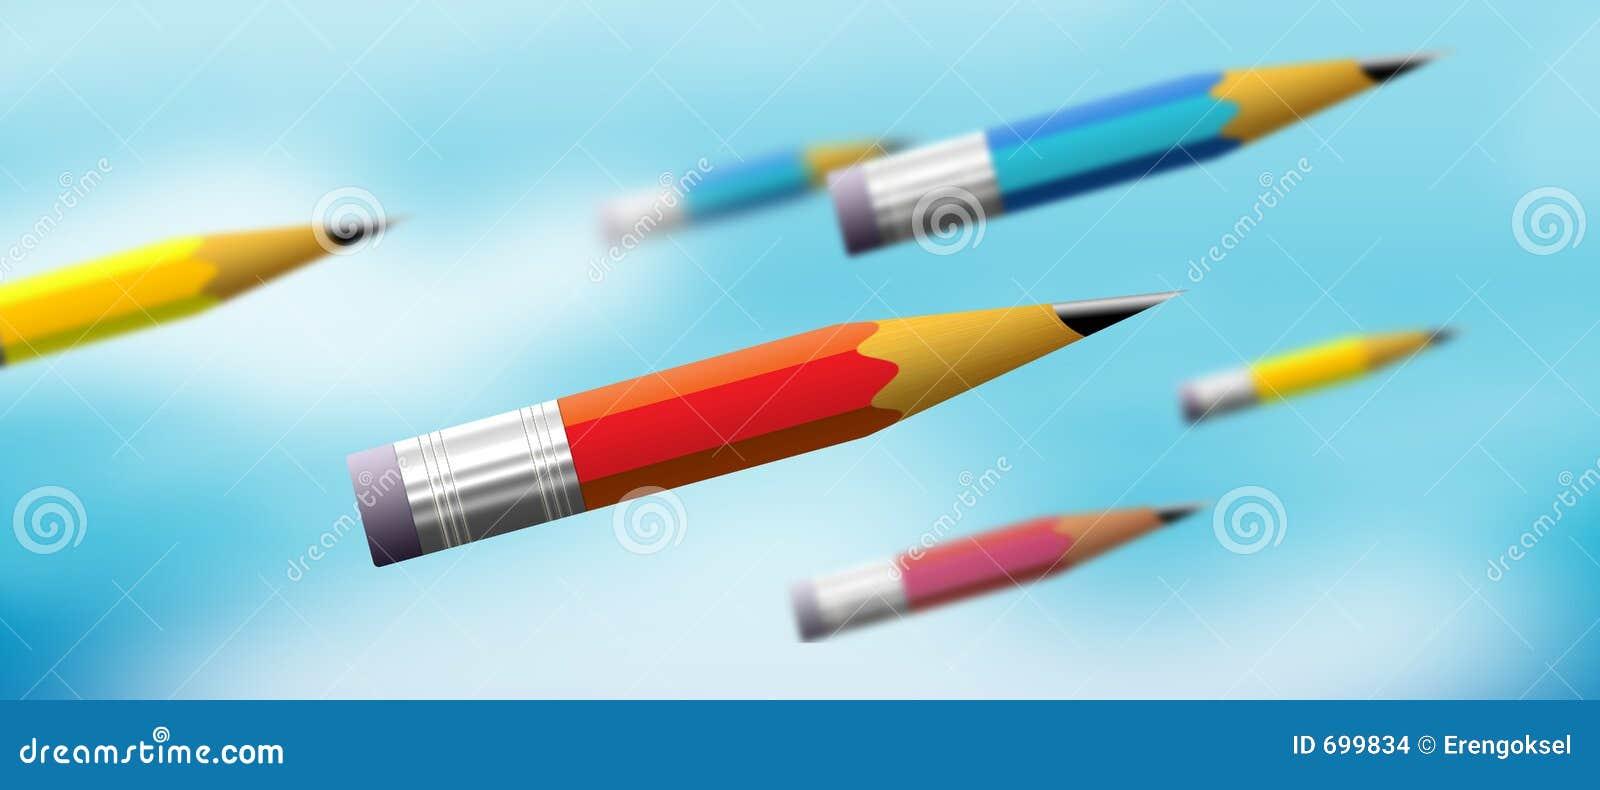 Potencia del lápiz